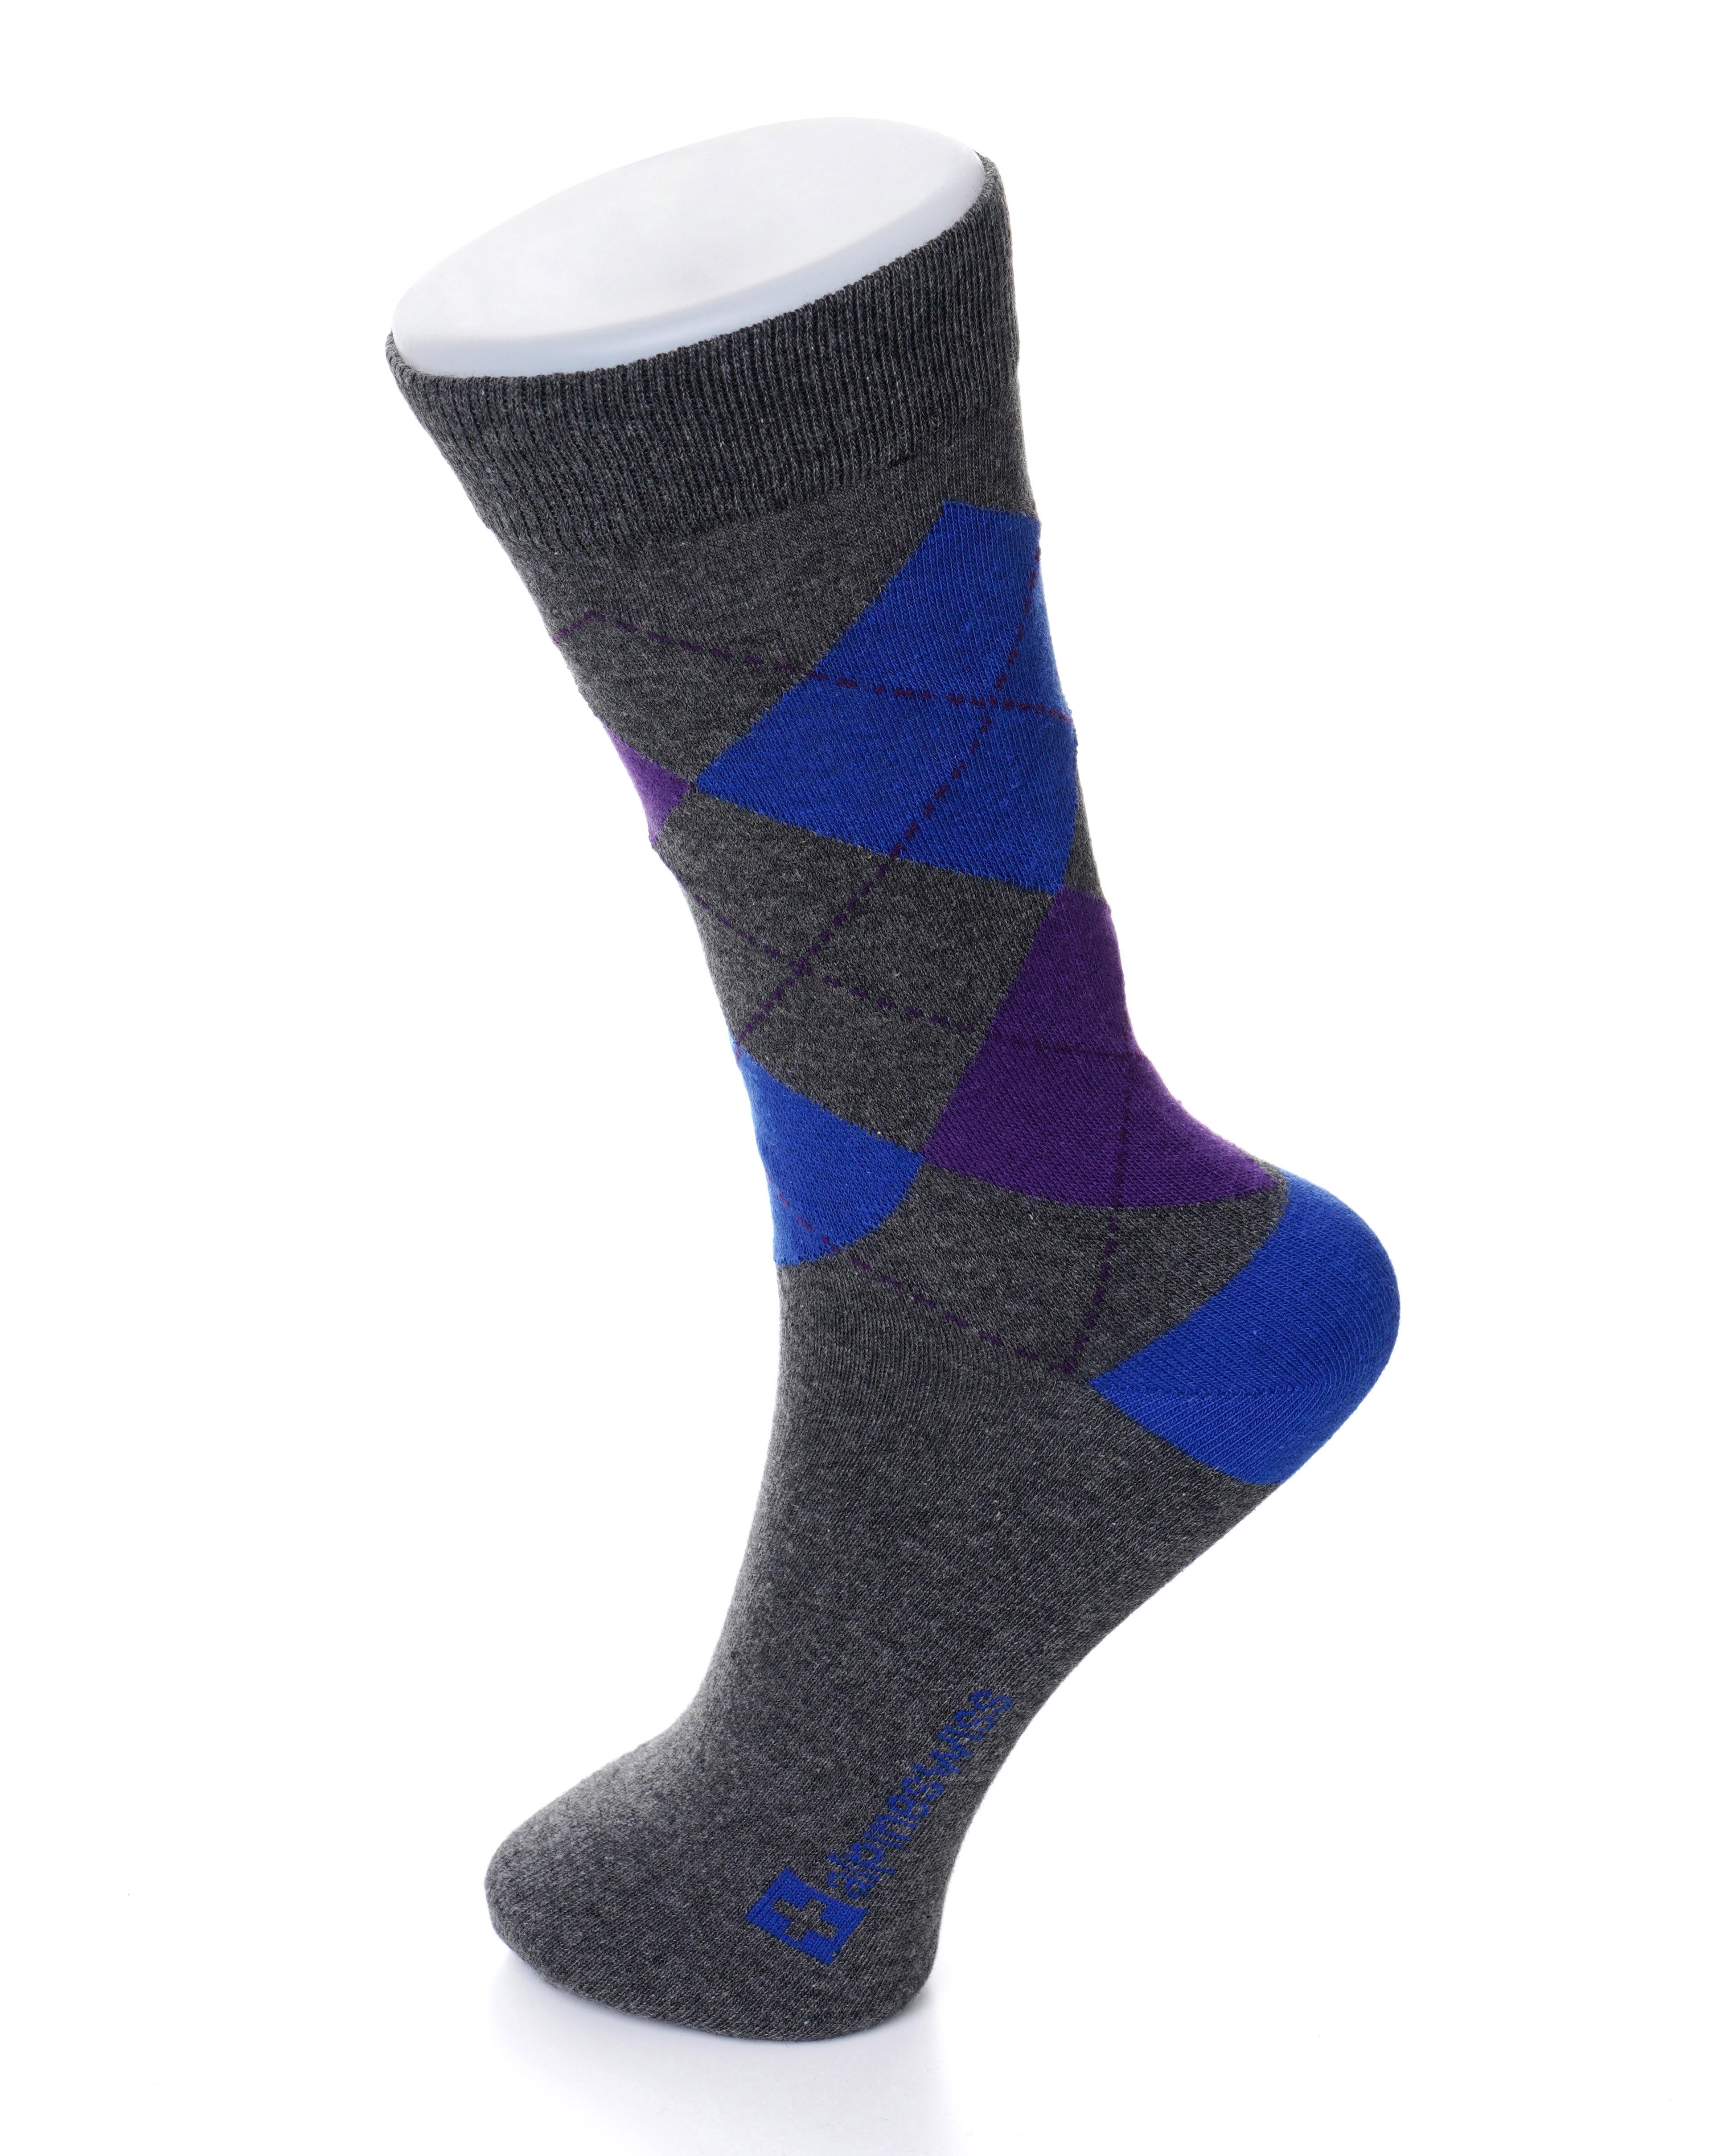 Alpine Swiss 6 Pack Mens Cotton Dress Socks Mid Calf